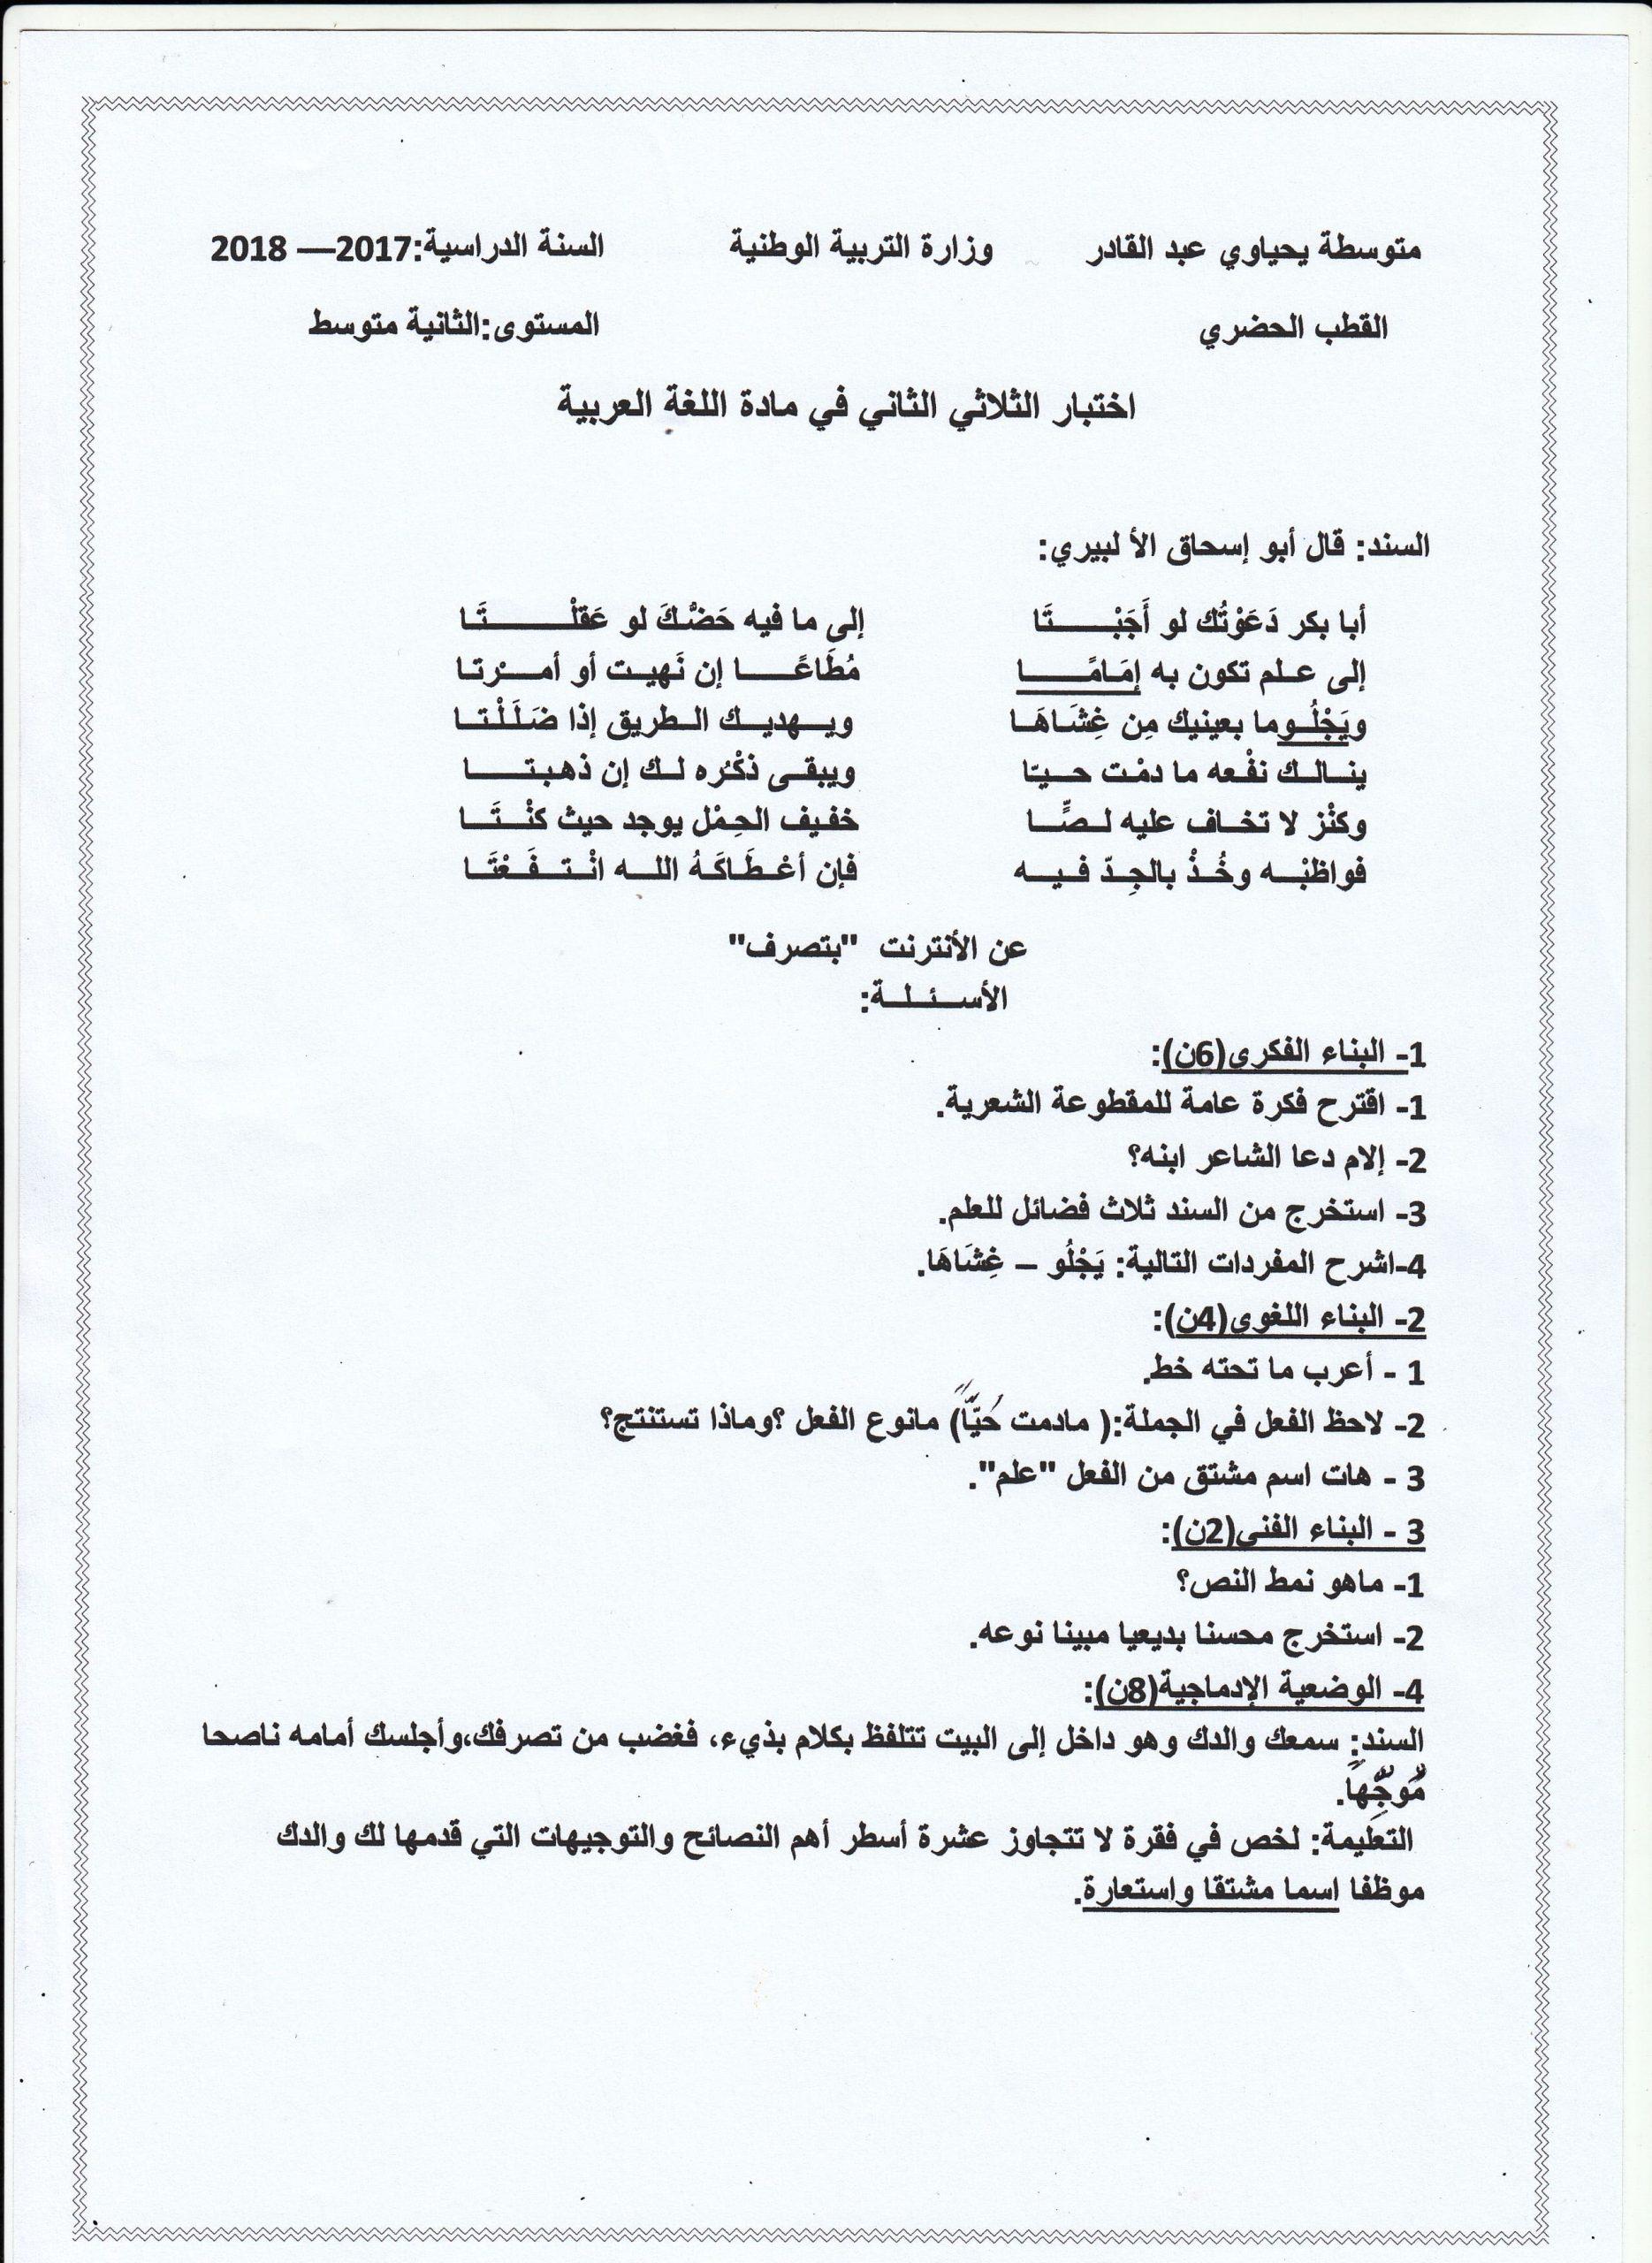 اختبار الفصل الثاني في اللغة العربية للسنة الثانية متوسط - الموضوع 02